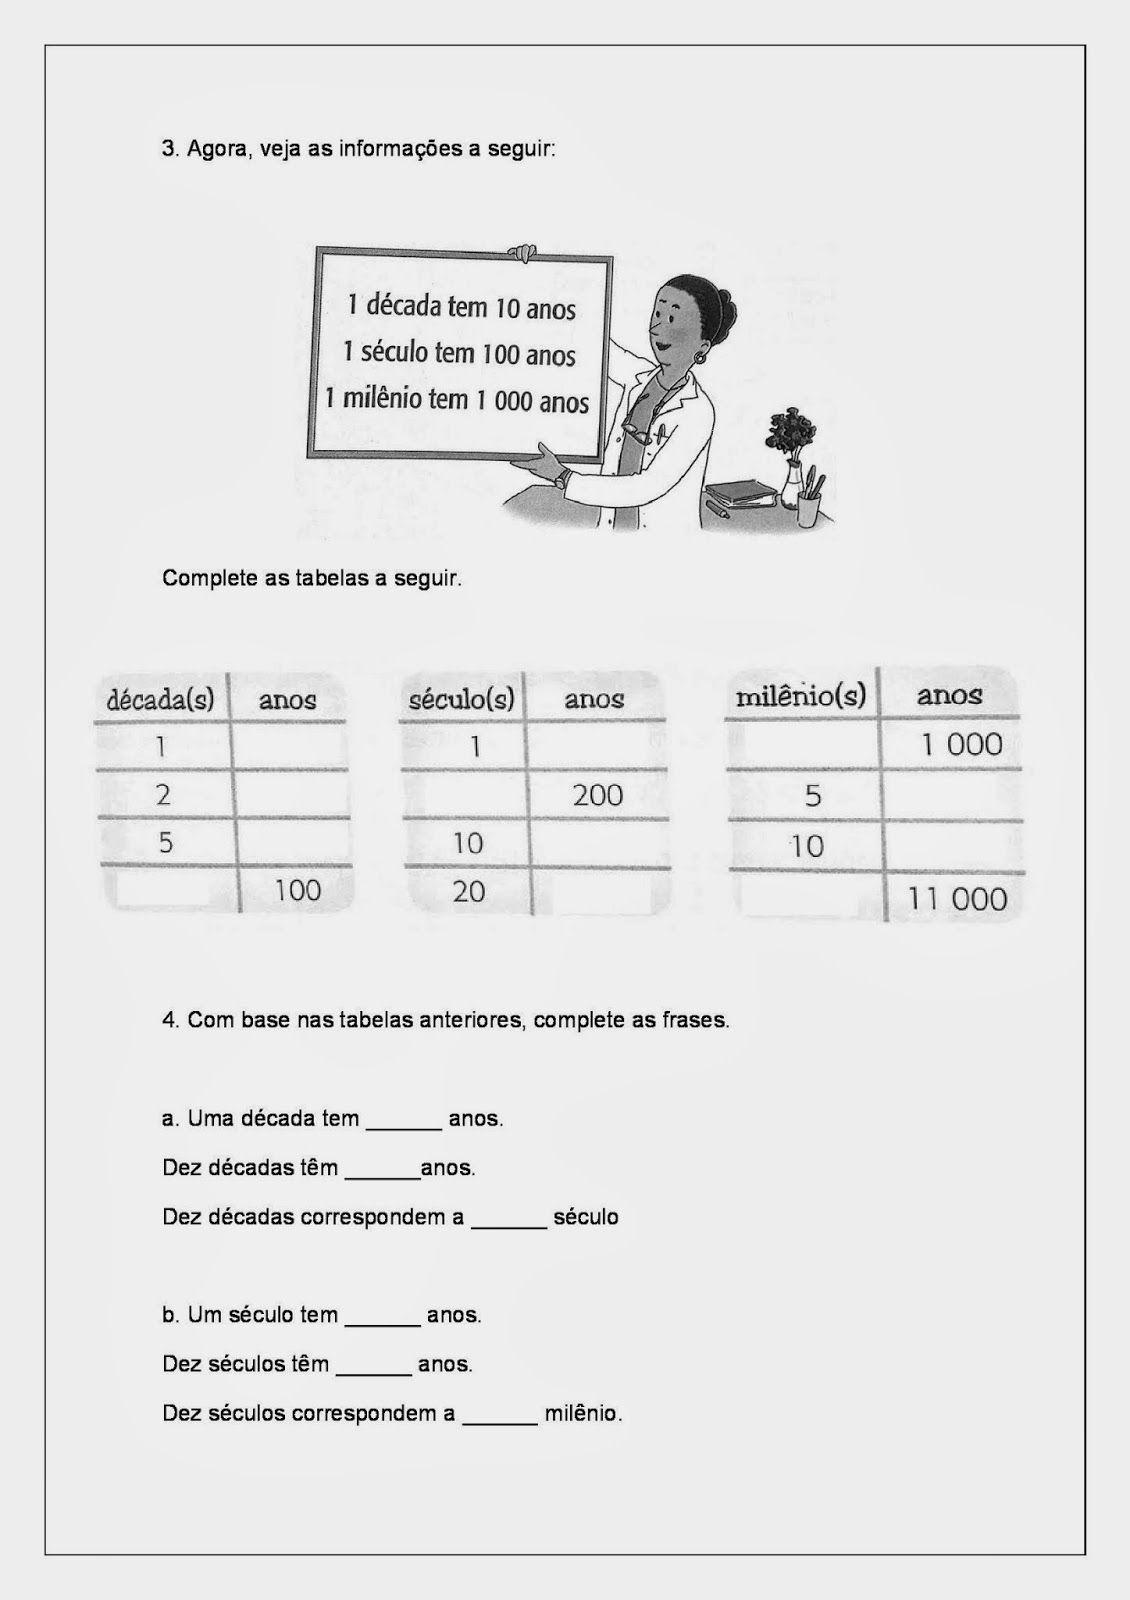 atividades-de-matematica-4-ano-parte-4.jpg (1130×1600)